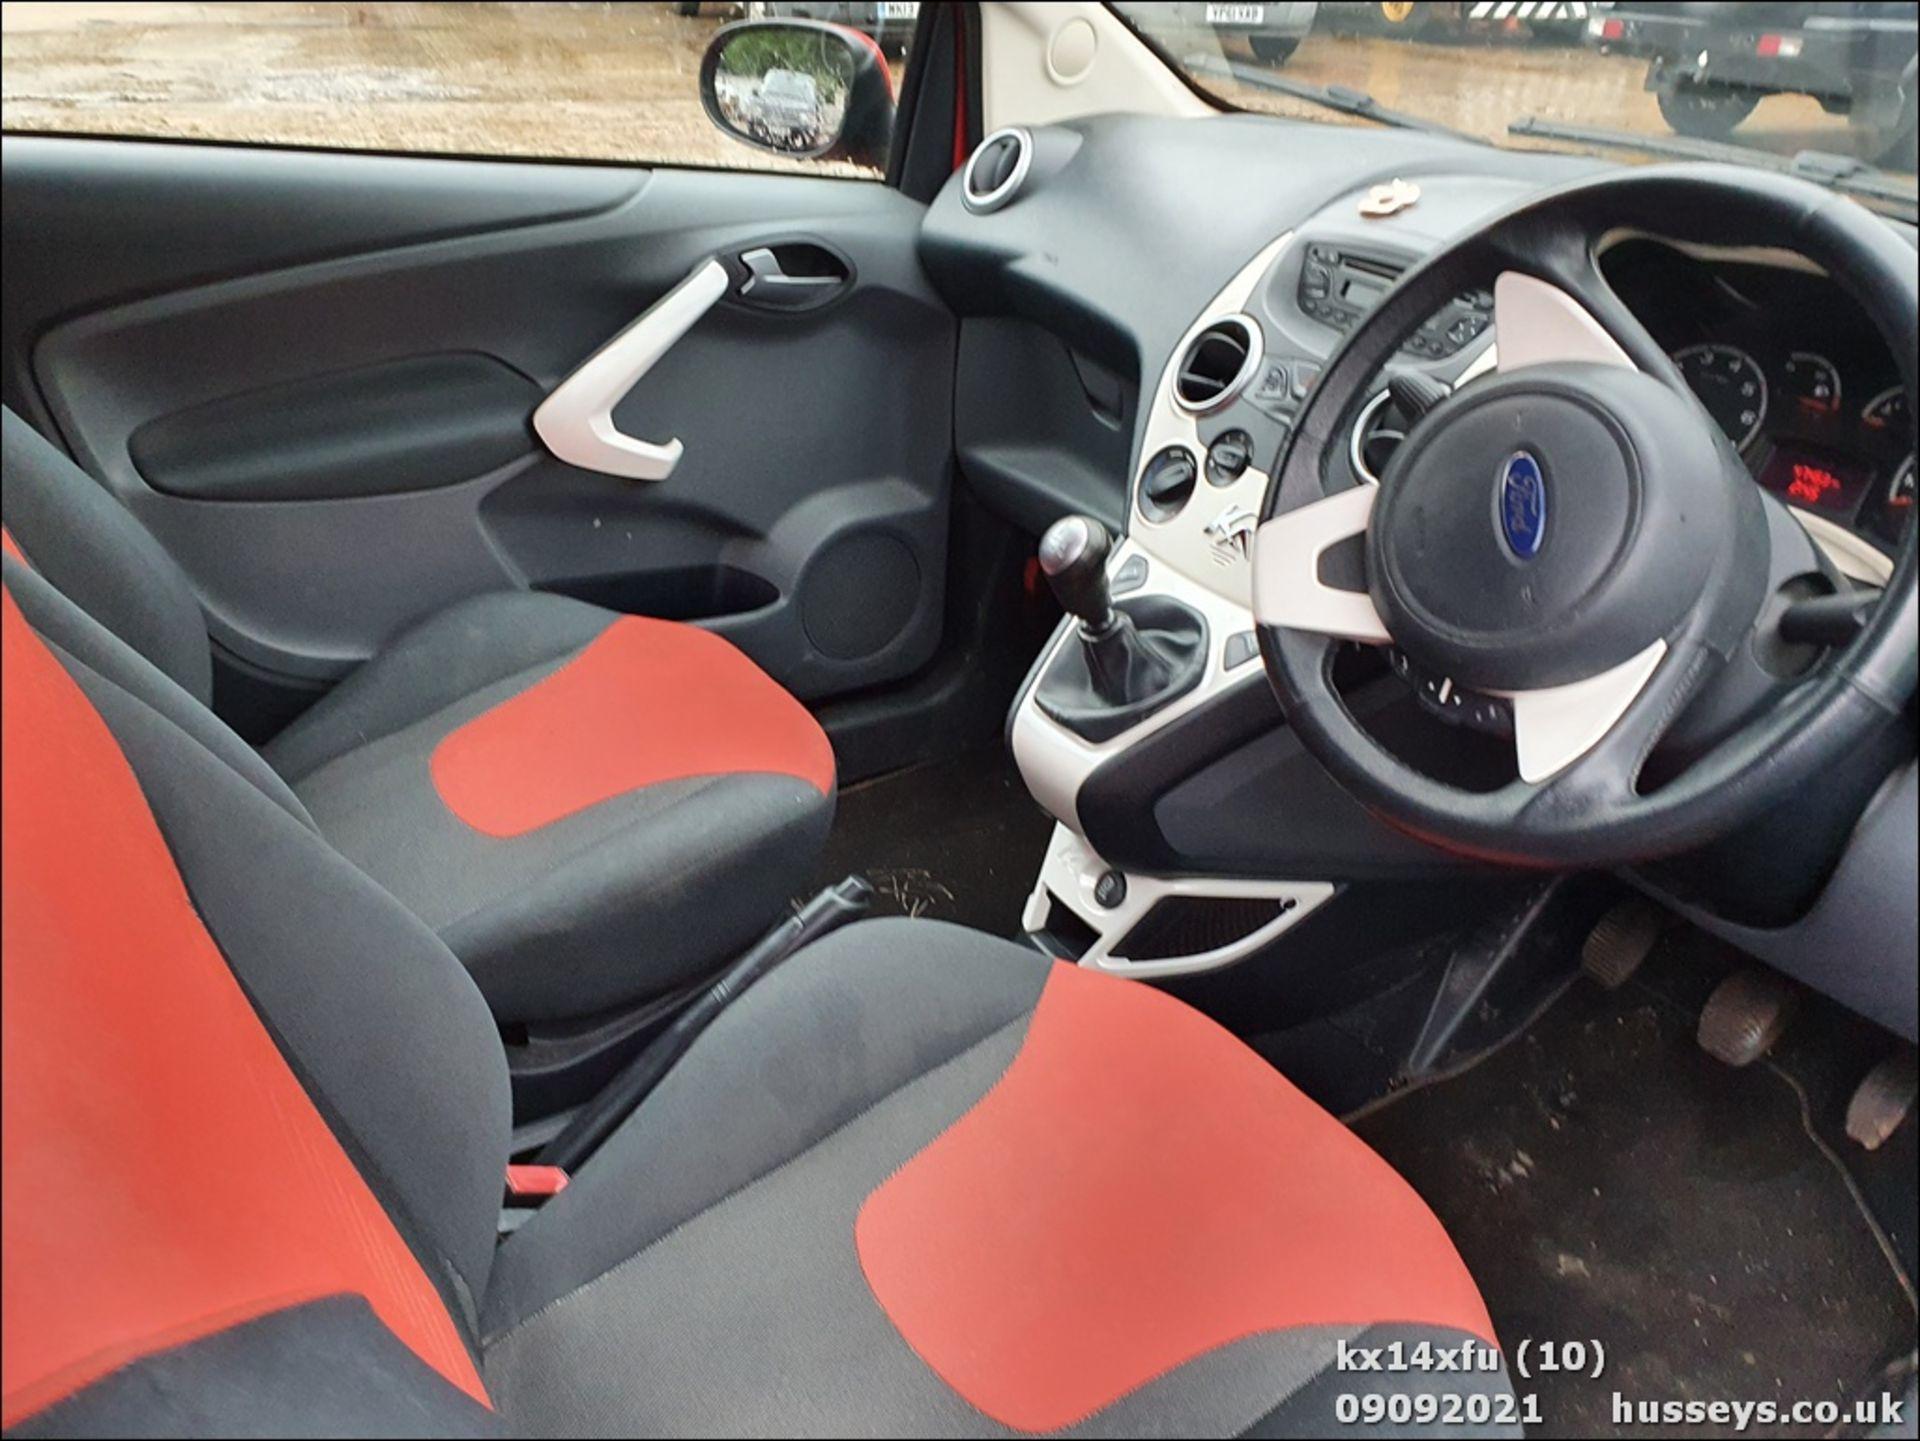 14/14 FORD KA ZETEC - 1242cc 3dr Hatchback (Red) - Image 10 of 17